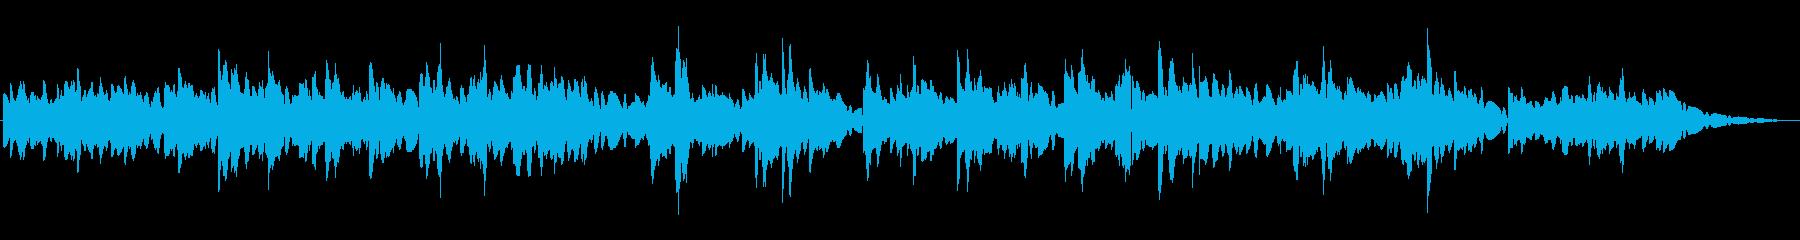 エレクトリックピアノの優しいBGMの再生済みの波形